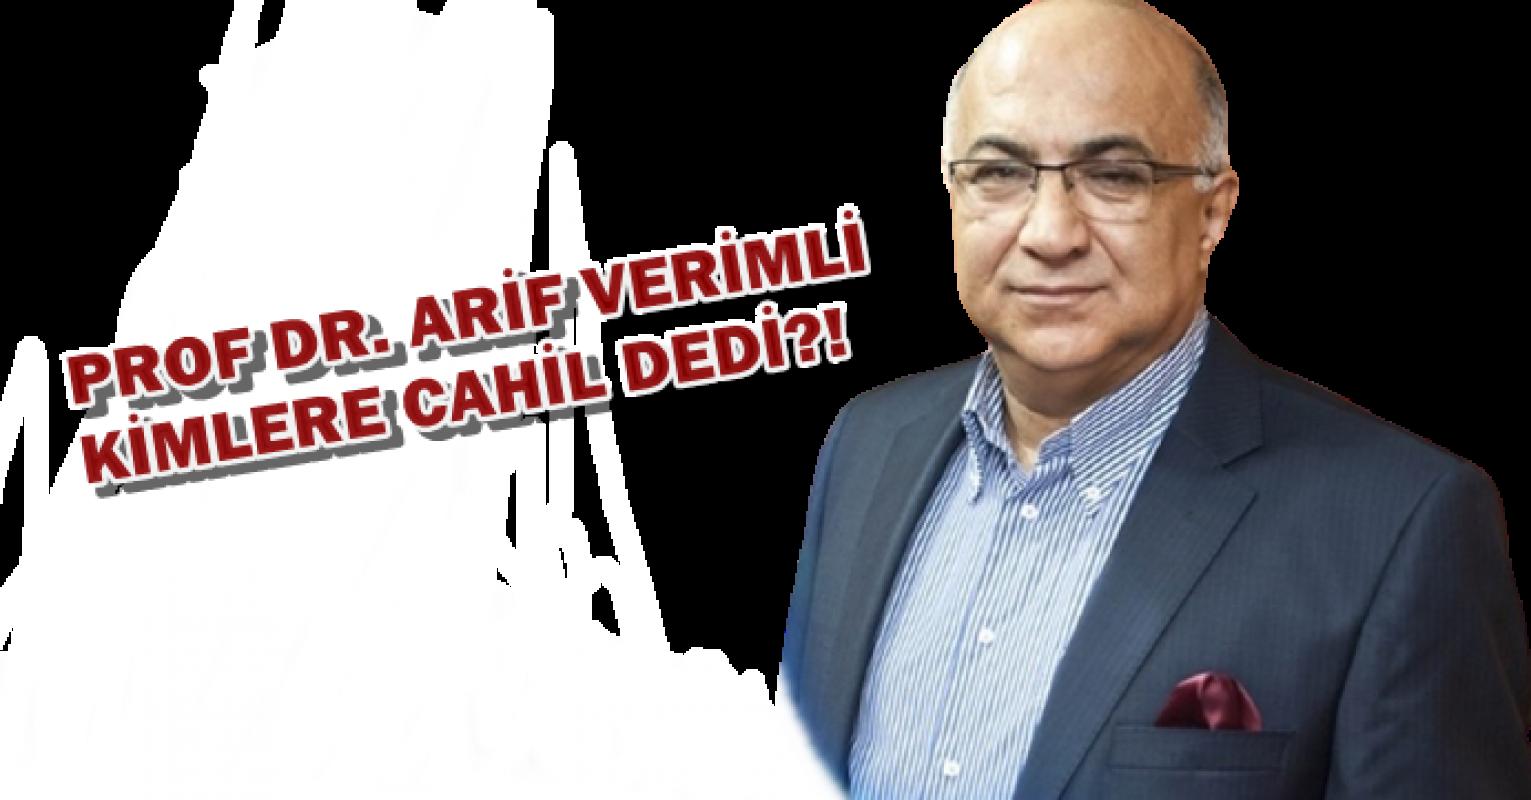 Prof Dr. Arif Verimli bakın kimlere cahil dedi